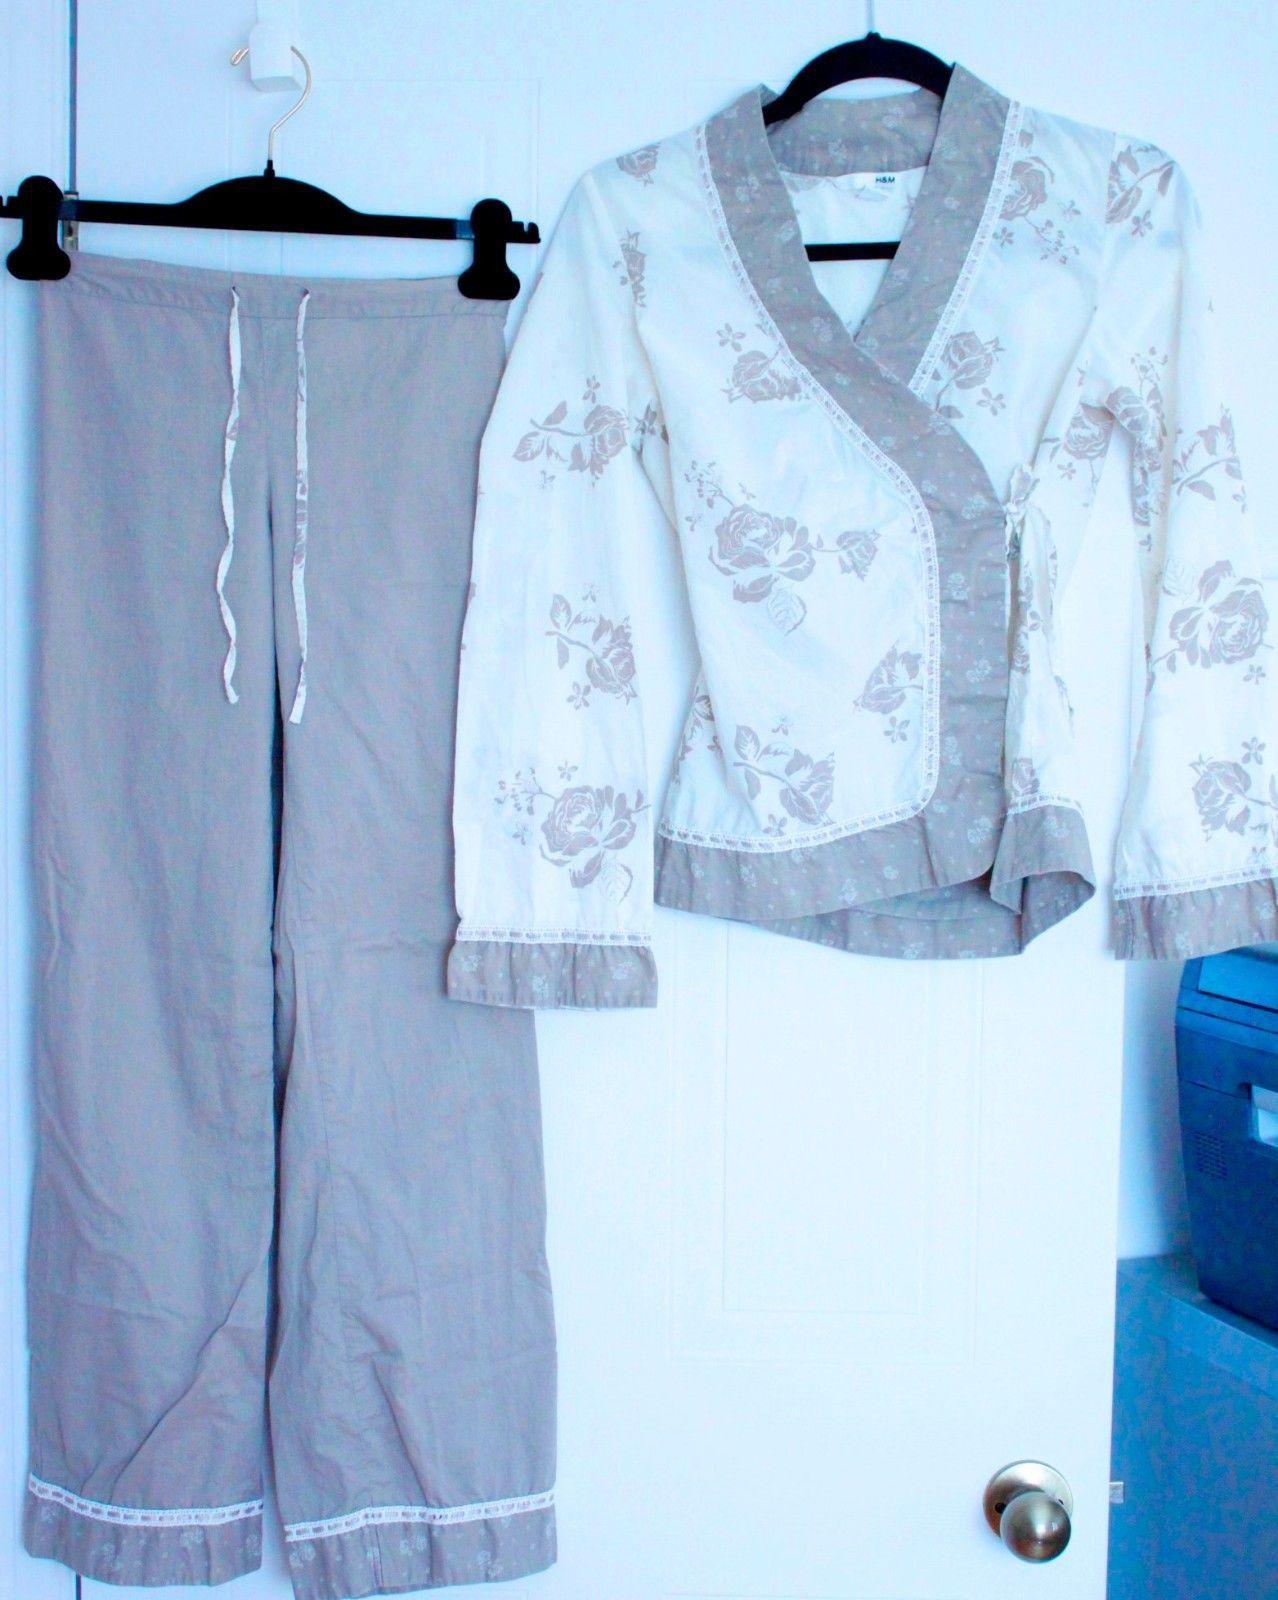 681177733 H&M Sleepwear Pajama 2-Piece 100% Cotton and 50 similar items